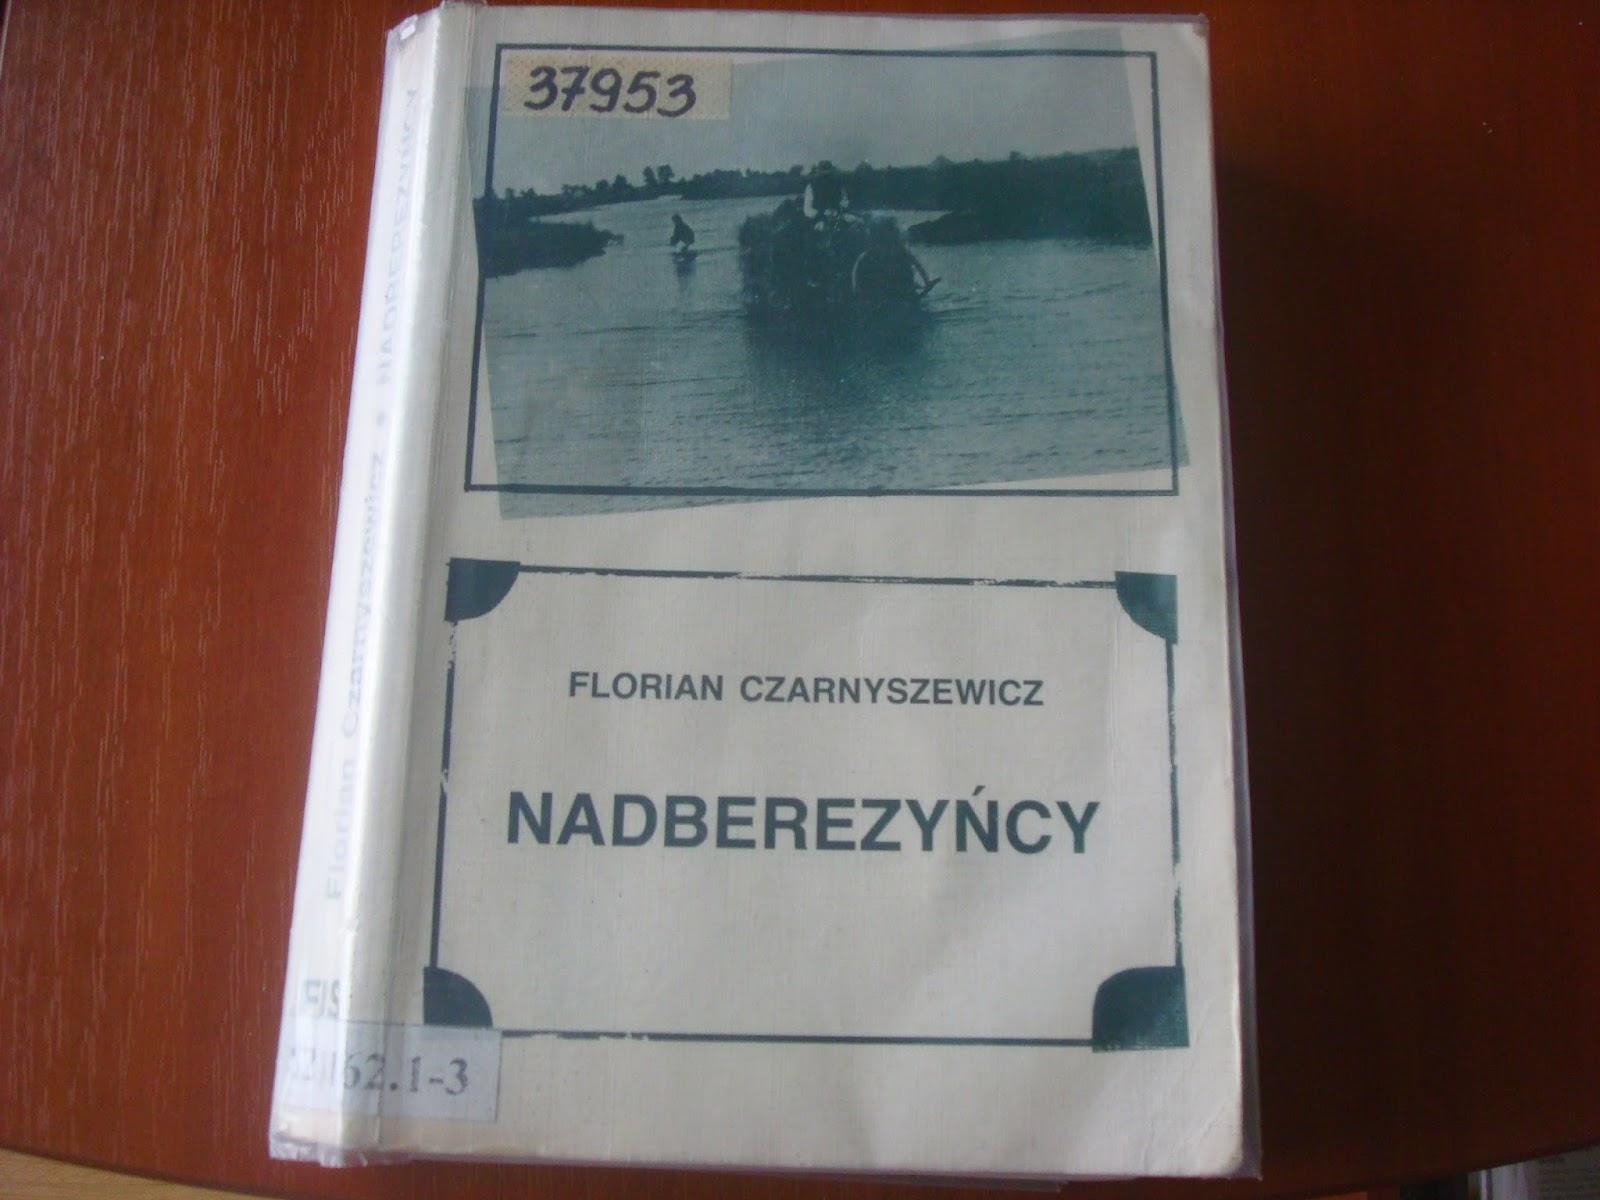 http://kayecik.blogspot.com/2014/10/florian-czarnyszewicz-nadberezyncy.html